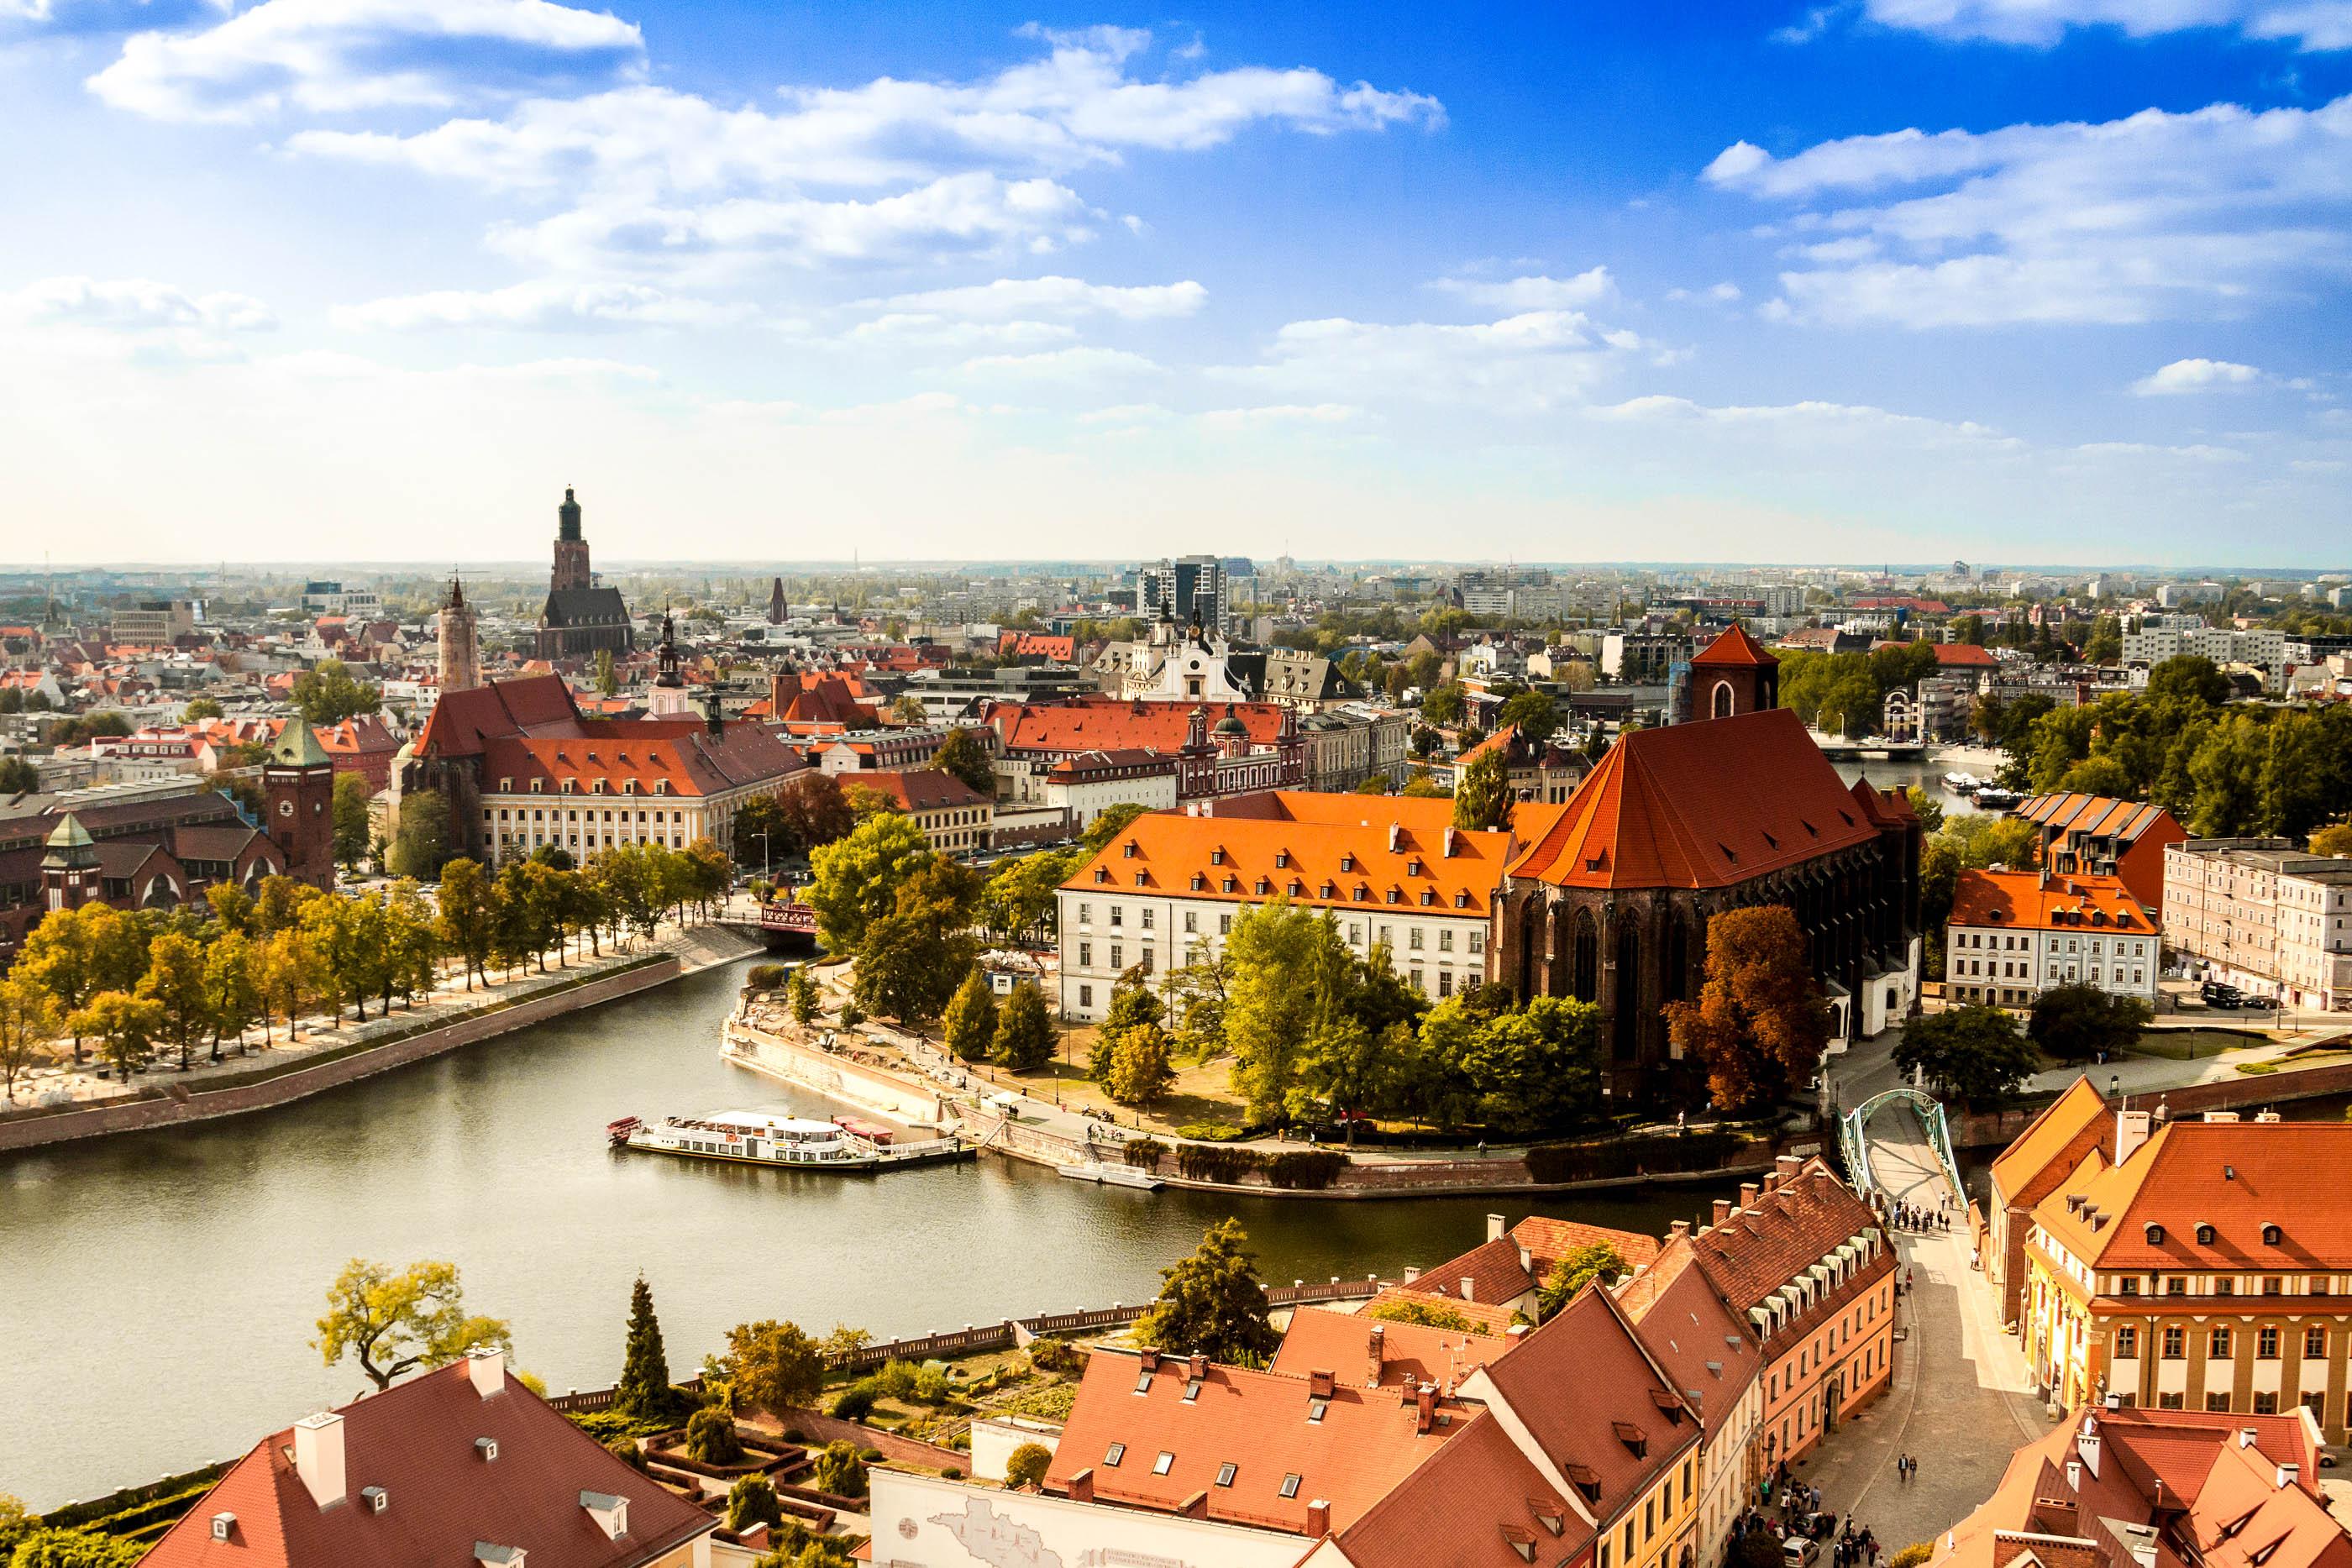 breslavia-je-eno-najstarejsih-mest-na-polj-secret-world